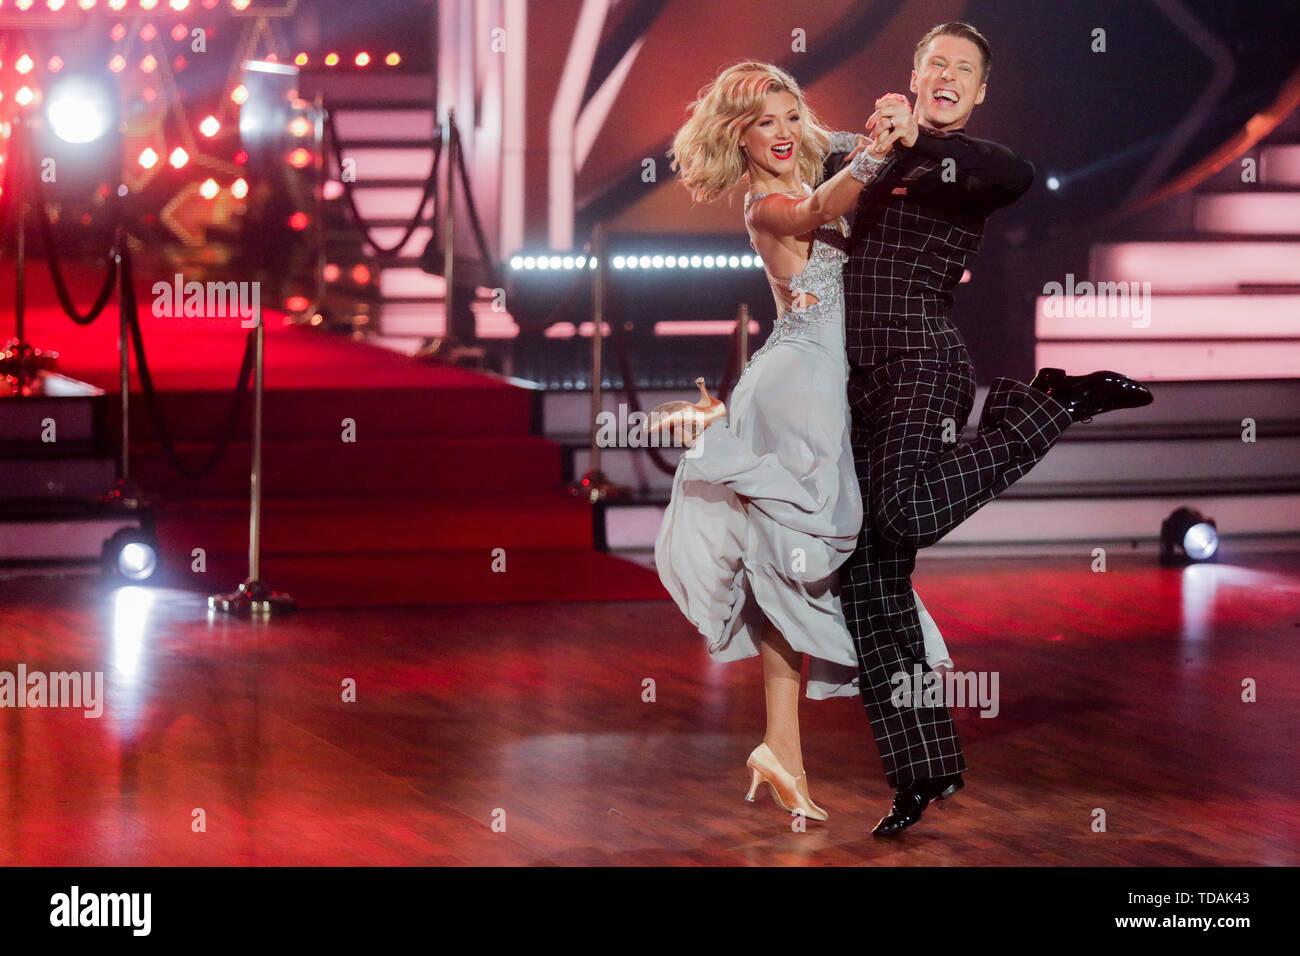 Cologne Allemagne 14 Juin 2019 Ella Endlich Chanteur Et Valentin Renseignements Lusin Danseuse Professionnelle La Danse